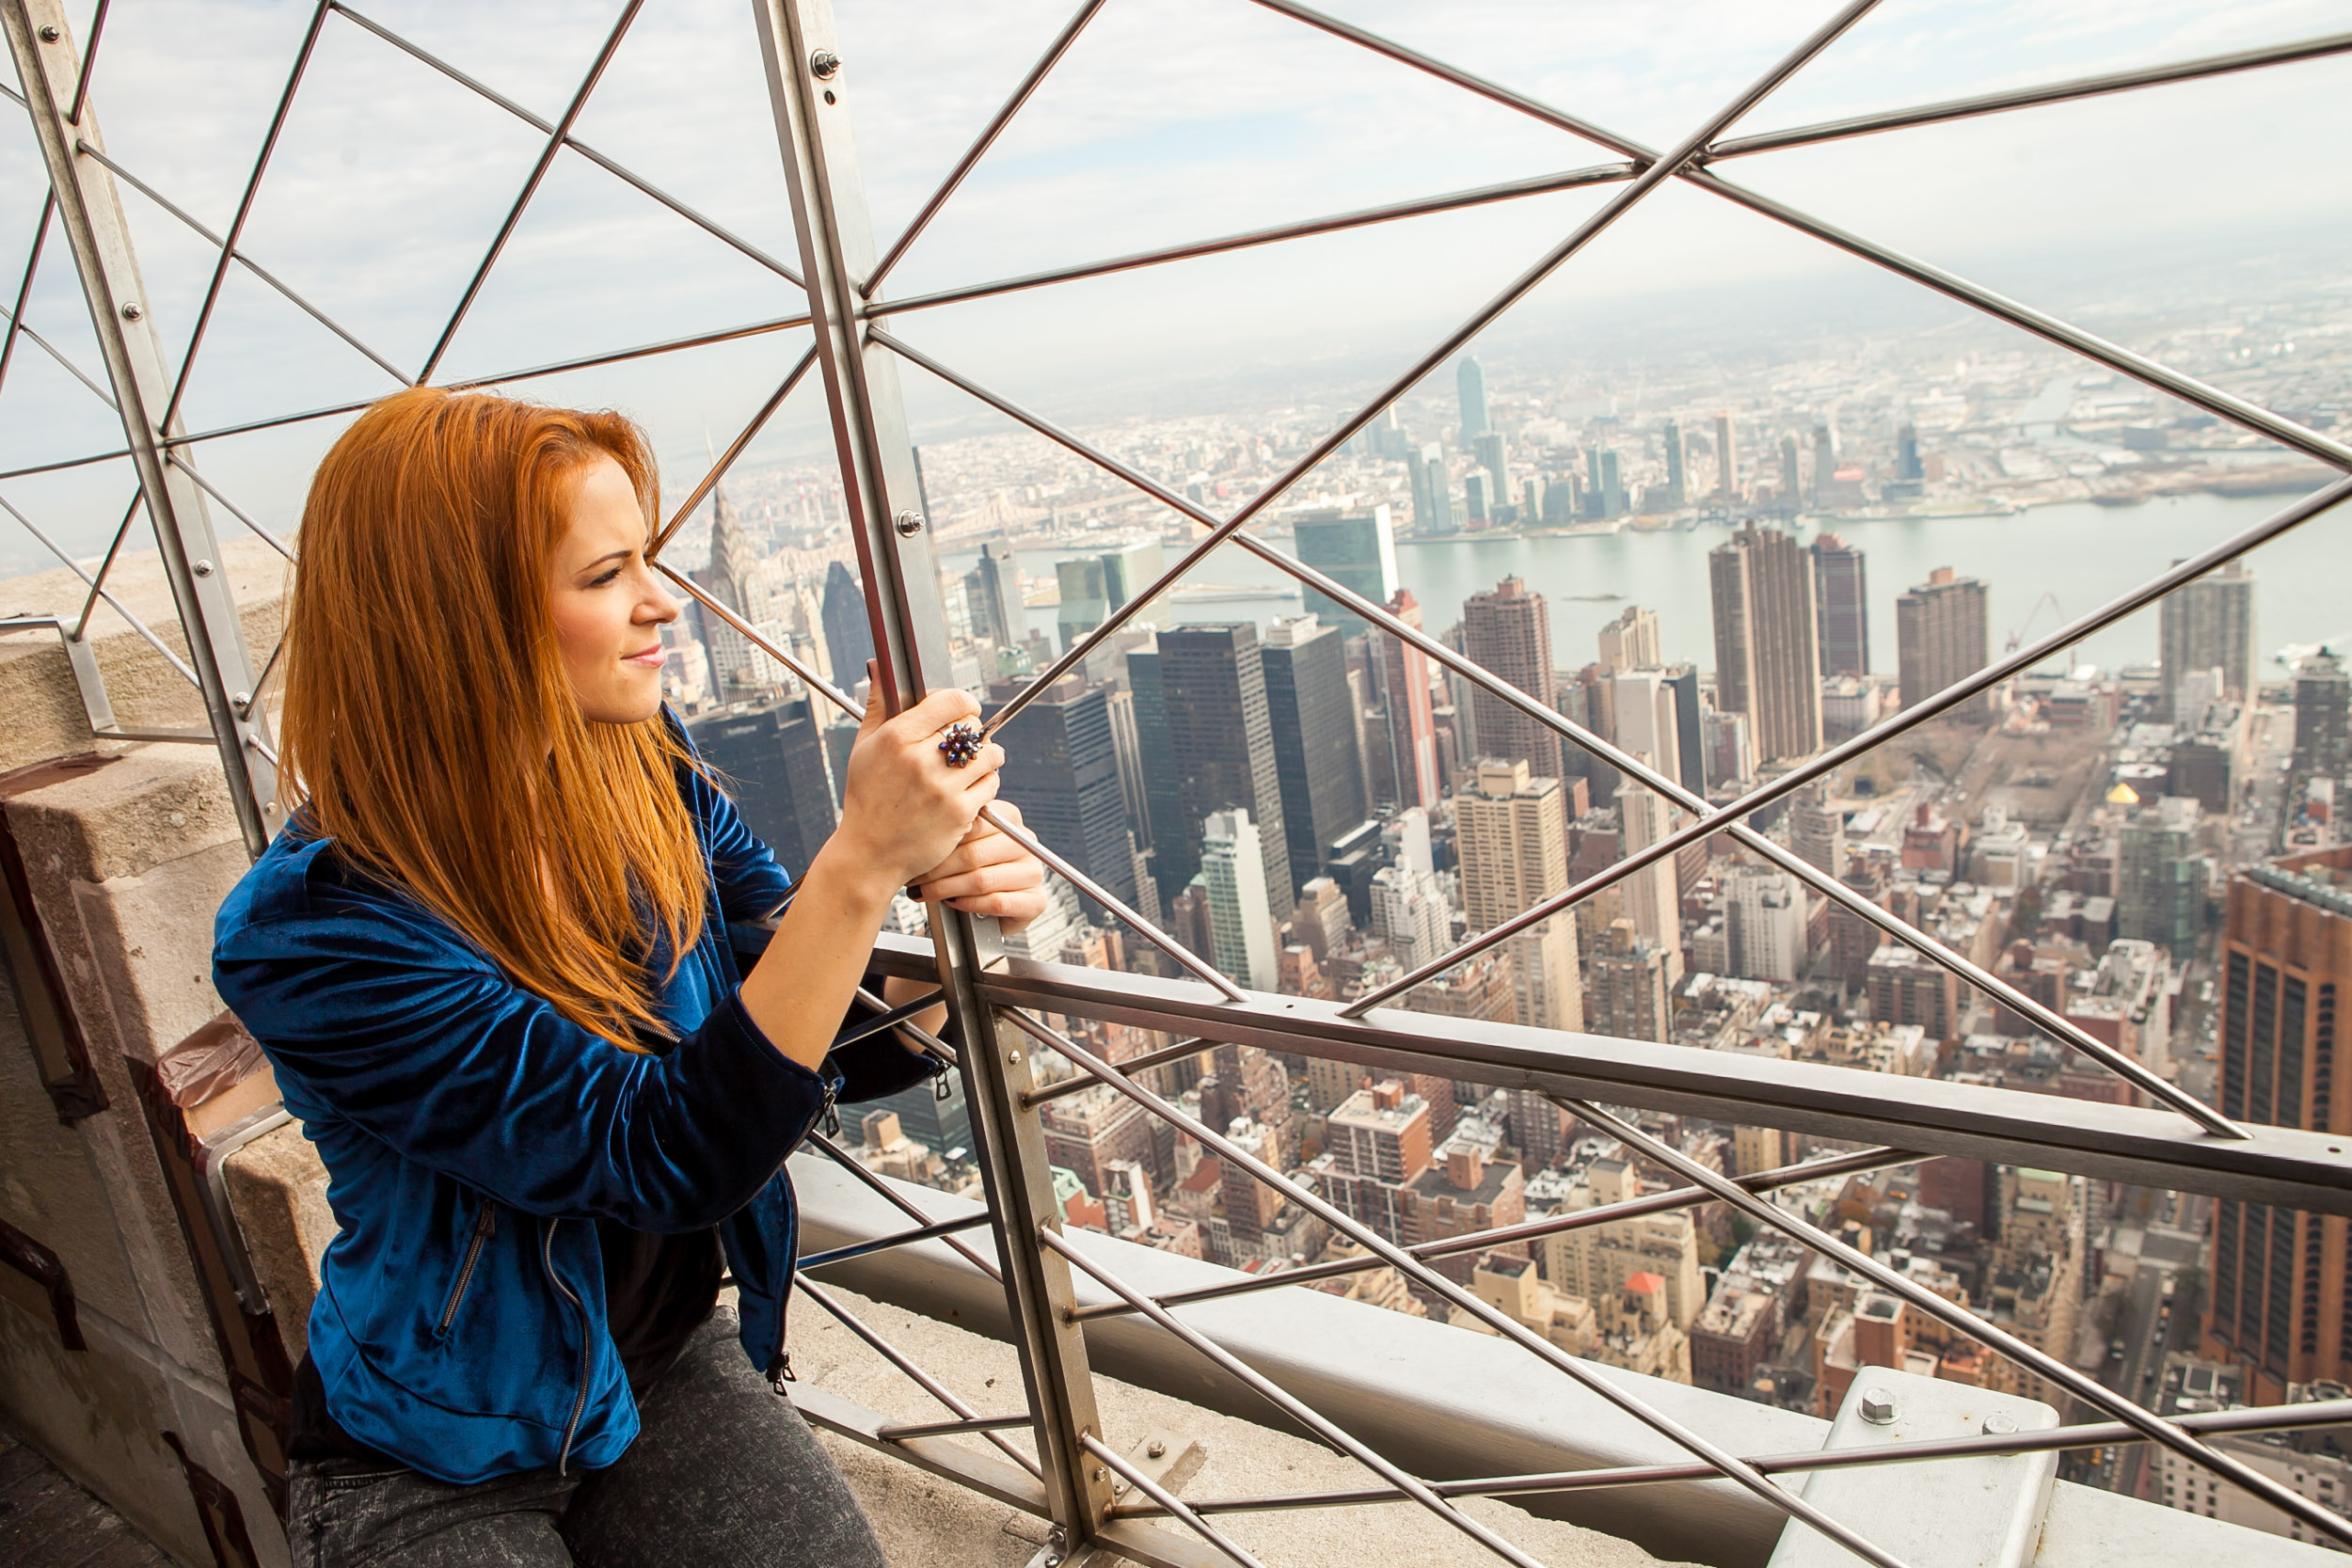 Pred odhodom domov je sledil še ogled Empire State Building